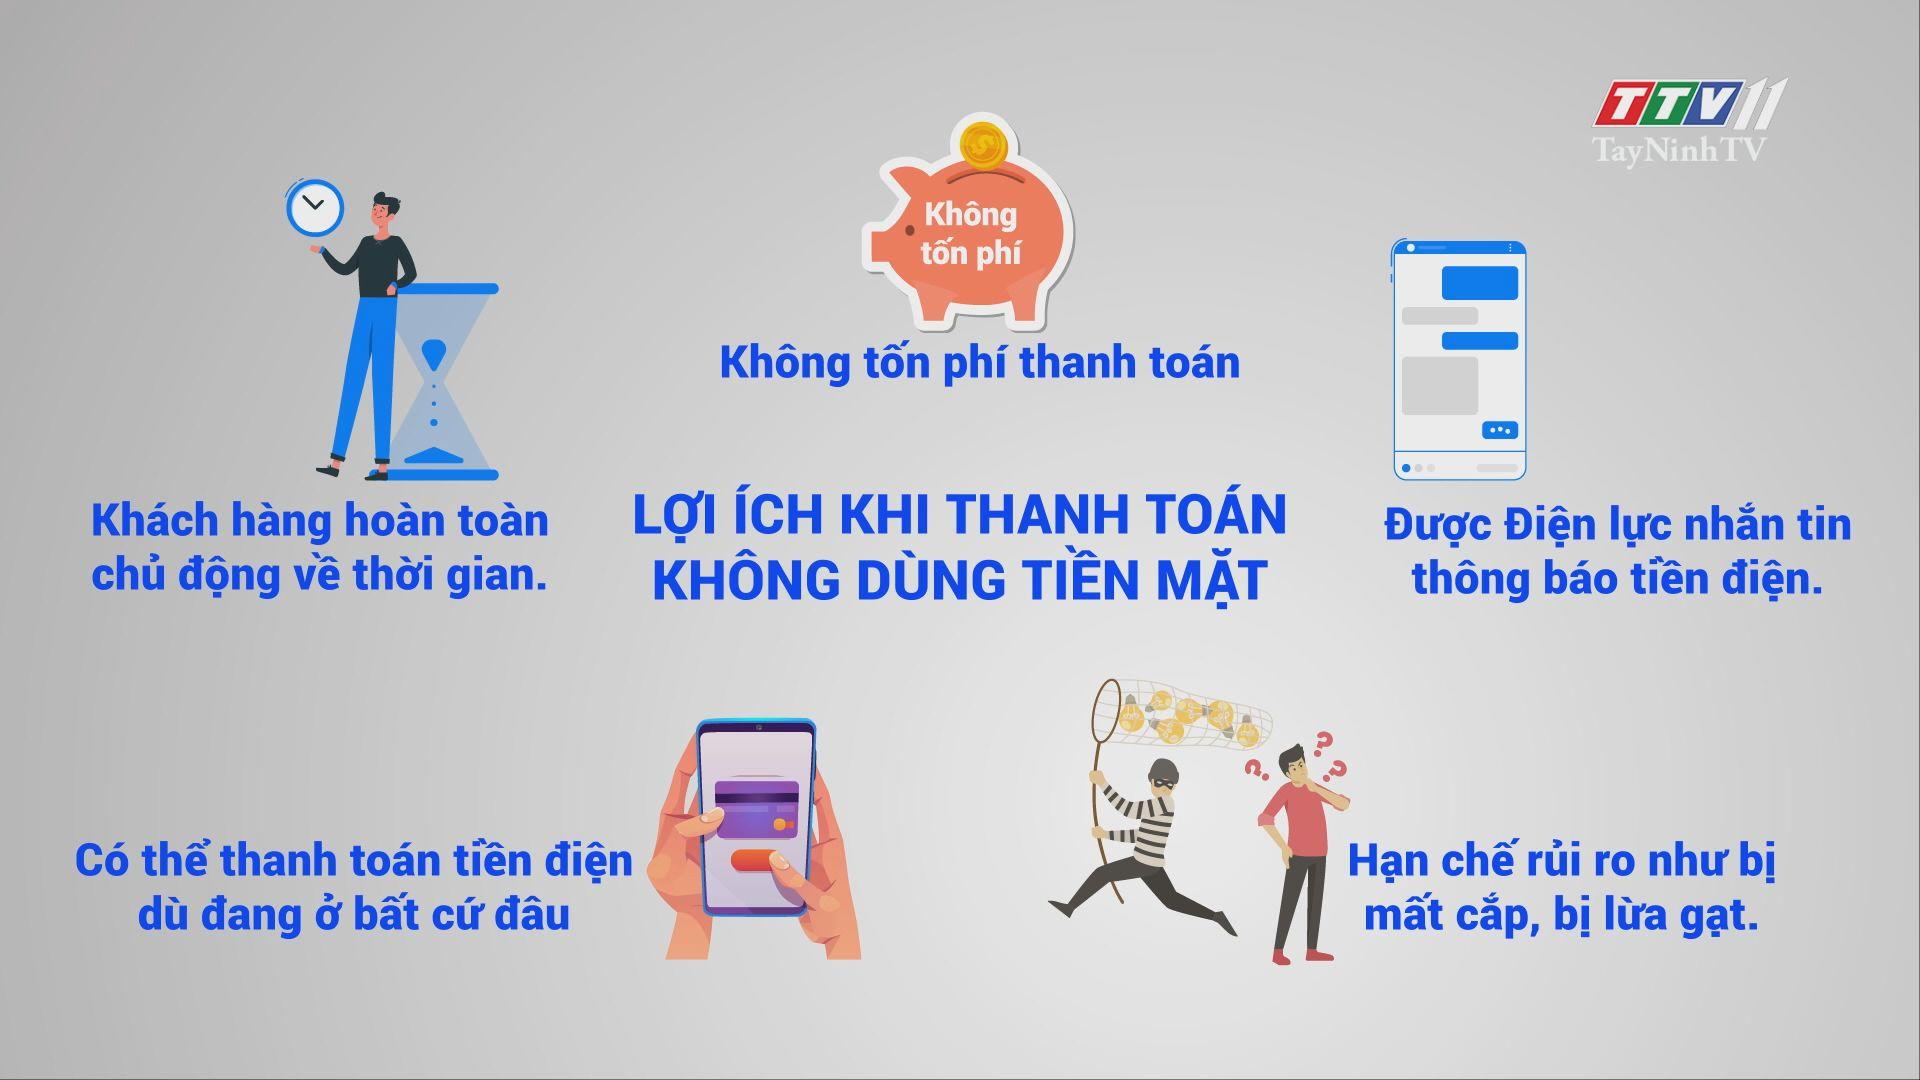 Tiện ích khi thanh toán tiền điện không dùng tiền mặt   ĐIỆN VÀ CUỘC SỐNG   TayNinhTV